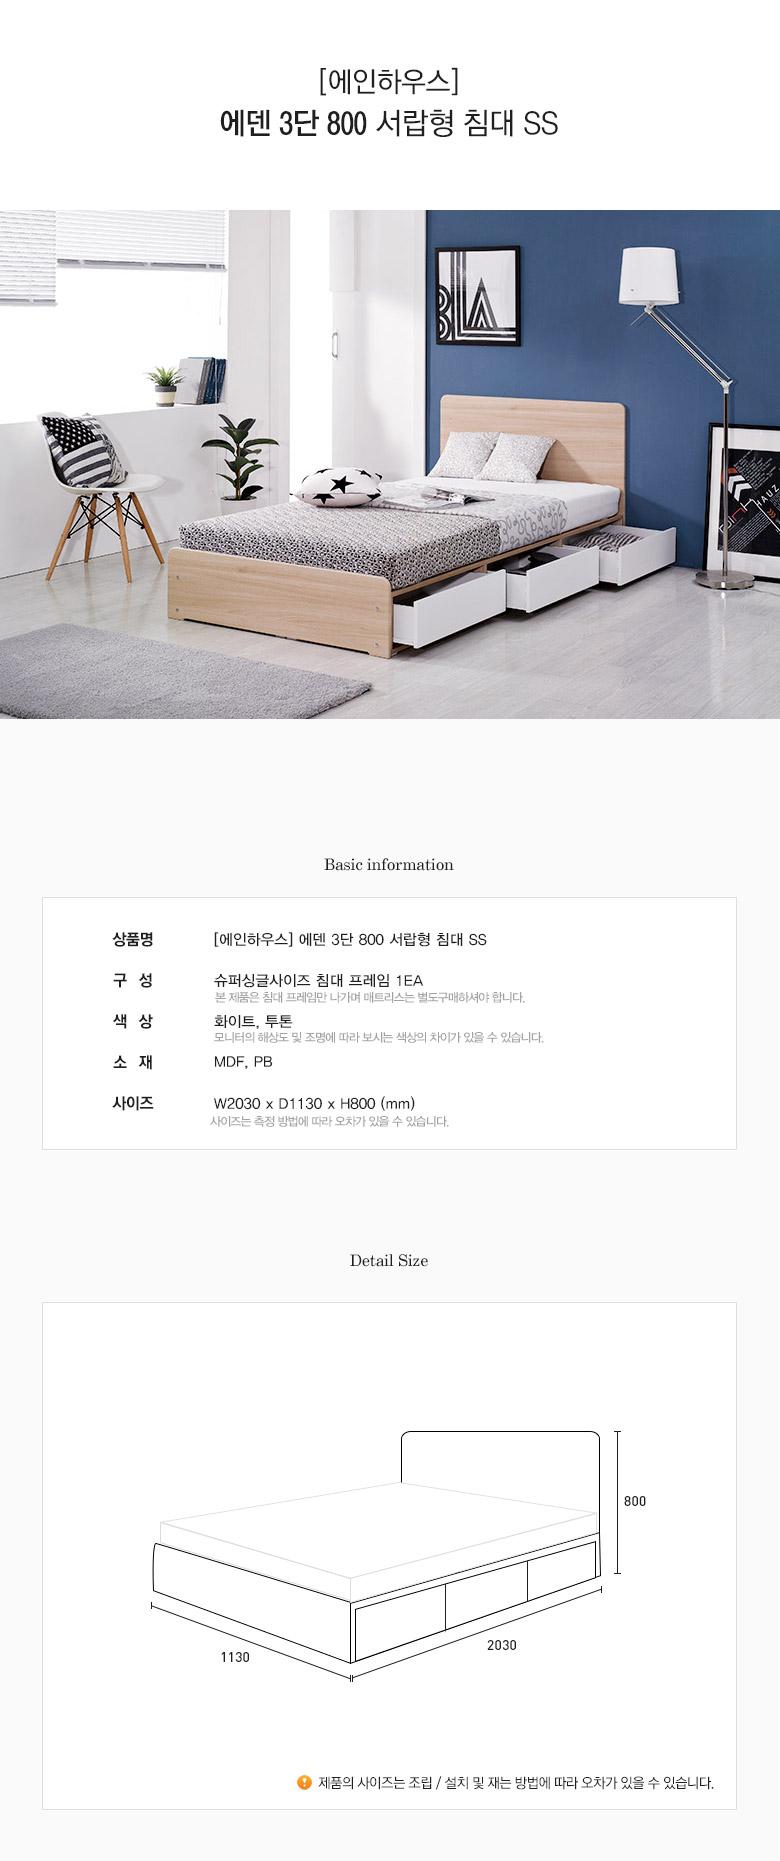 에덴 3단 800 서랍형 침대 SS - 에인하우스, 401,000원, 침대, 싱글/슈퍼싱글 침대